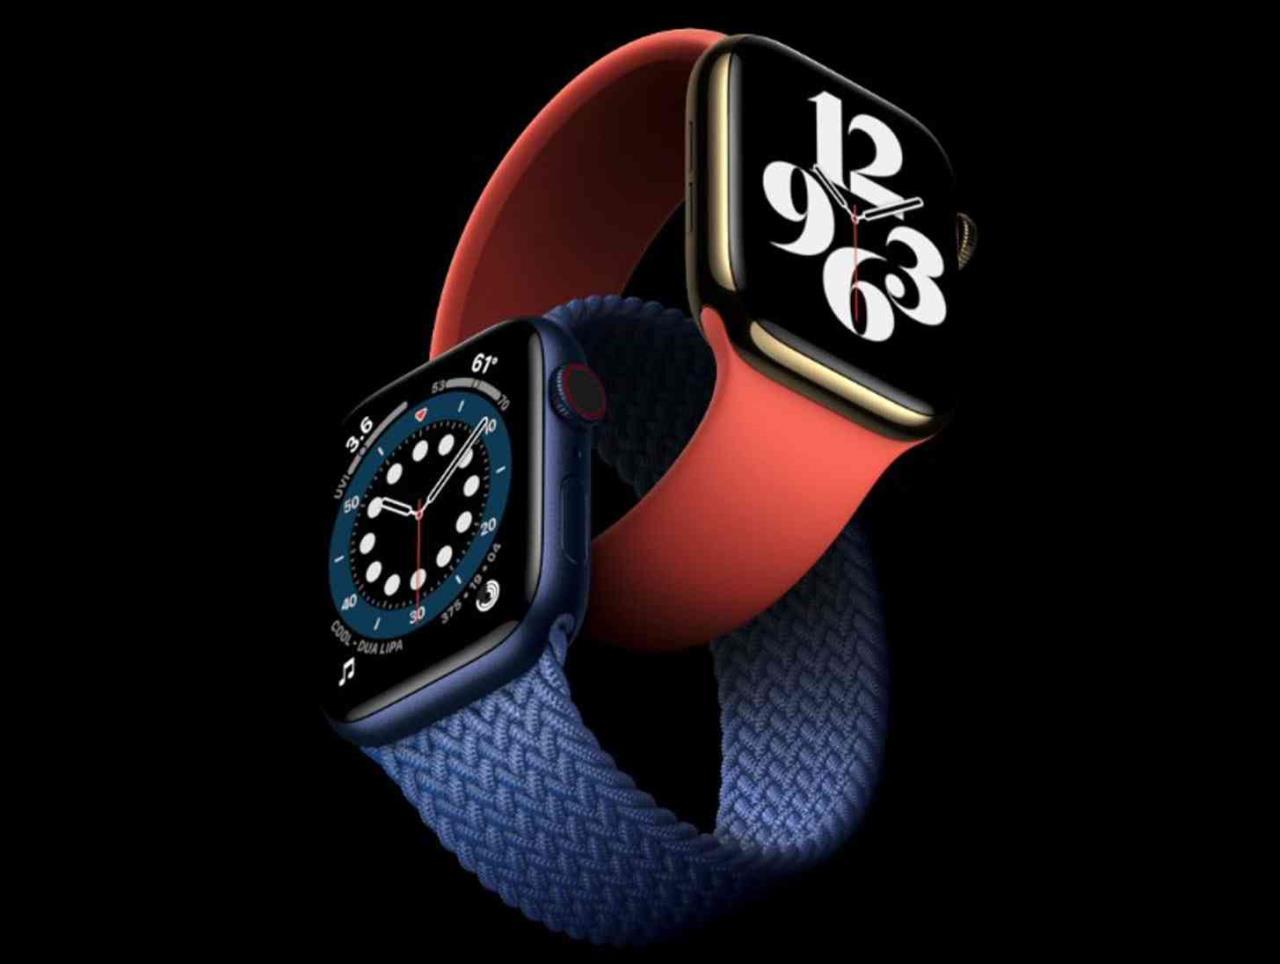 apple watch series 6 anuncio